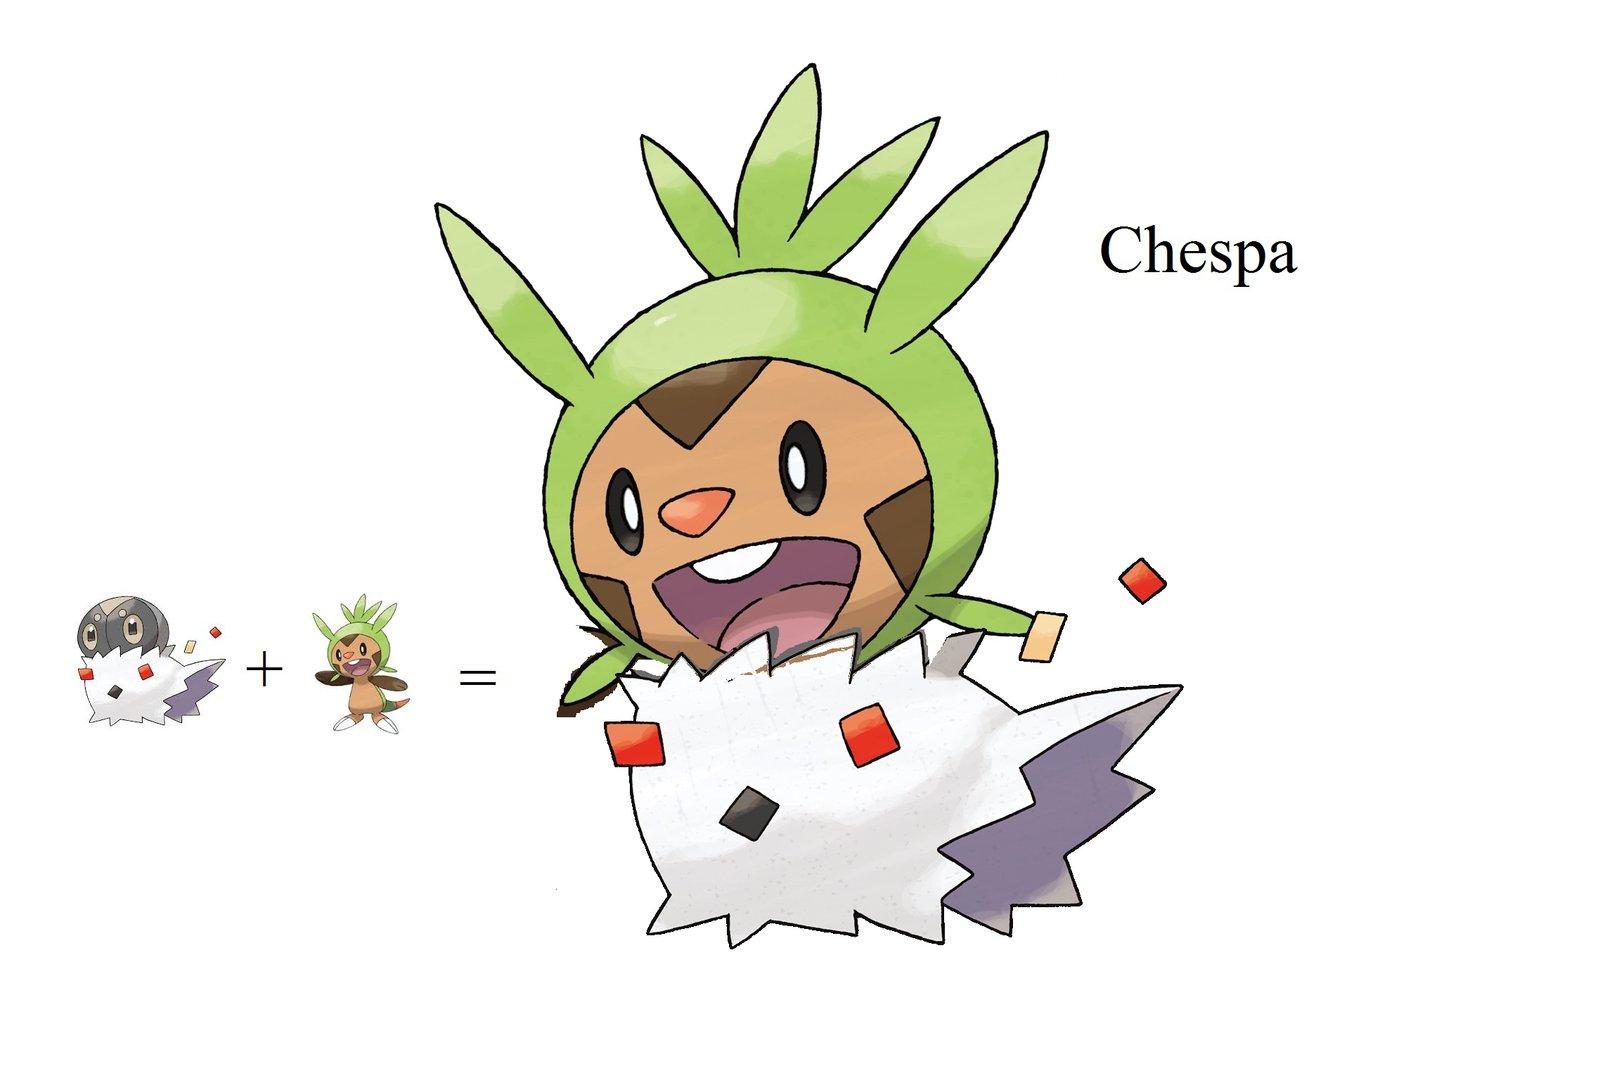 Chespa